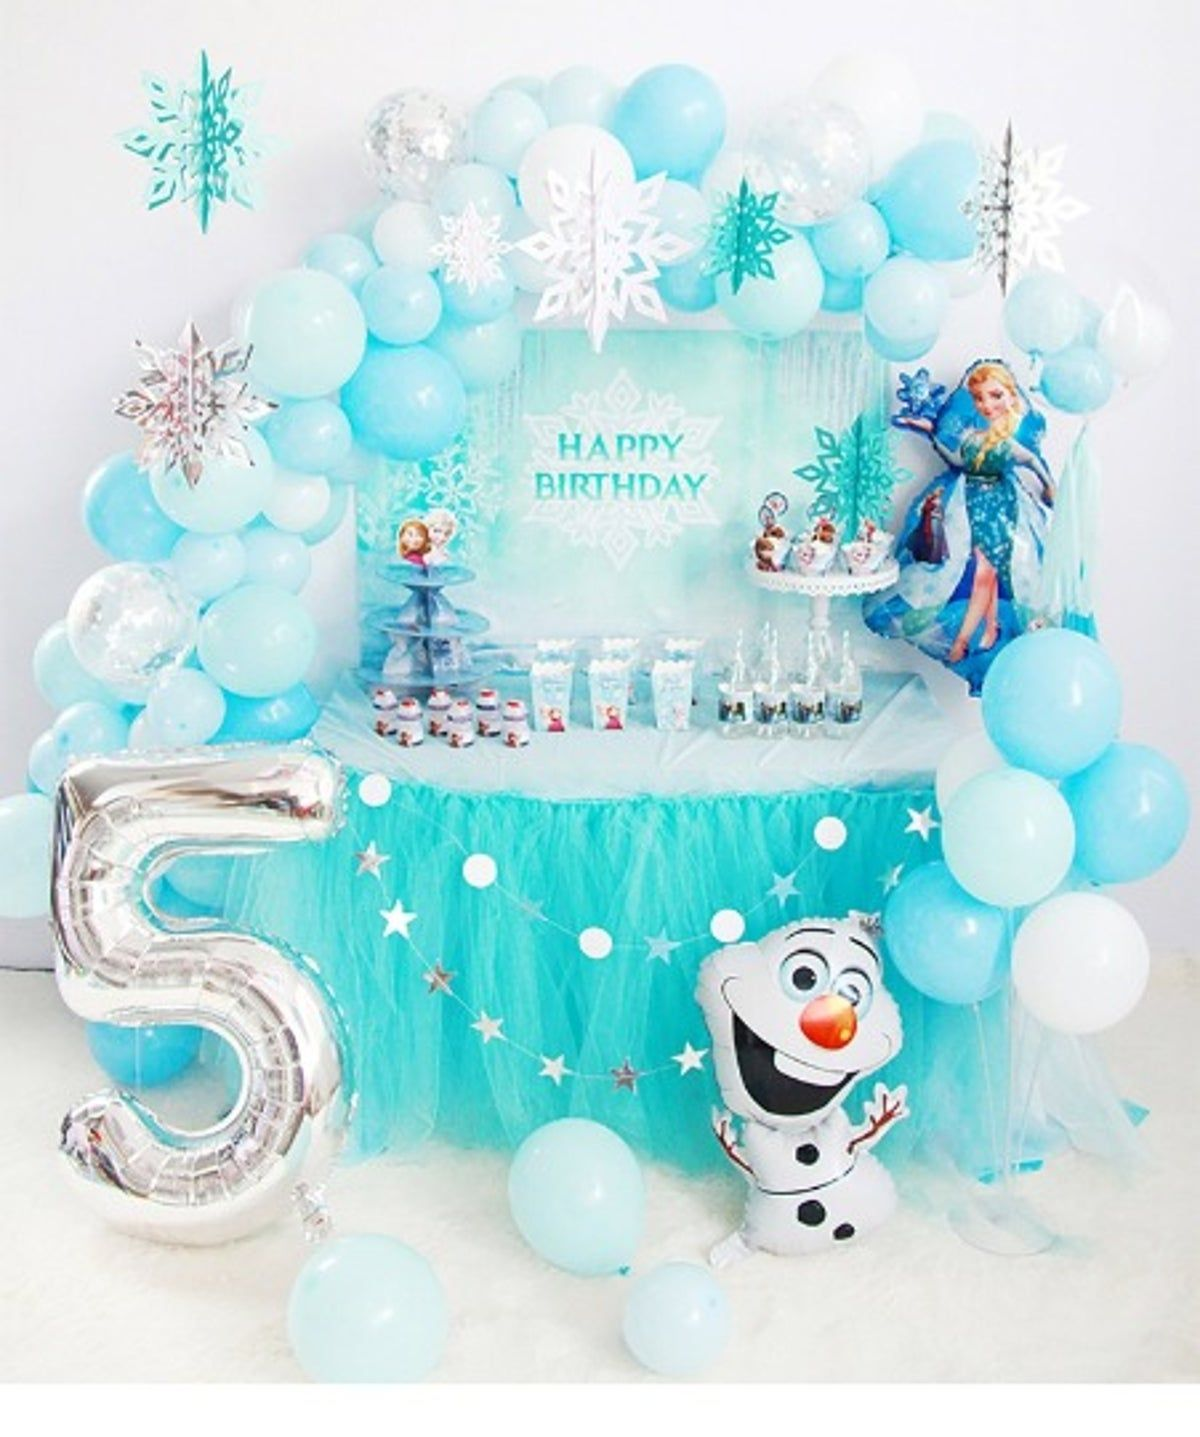 Disney Frozen Birthday Party Balloon Kit on Mercari